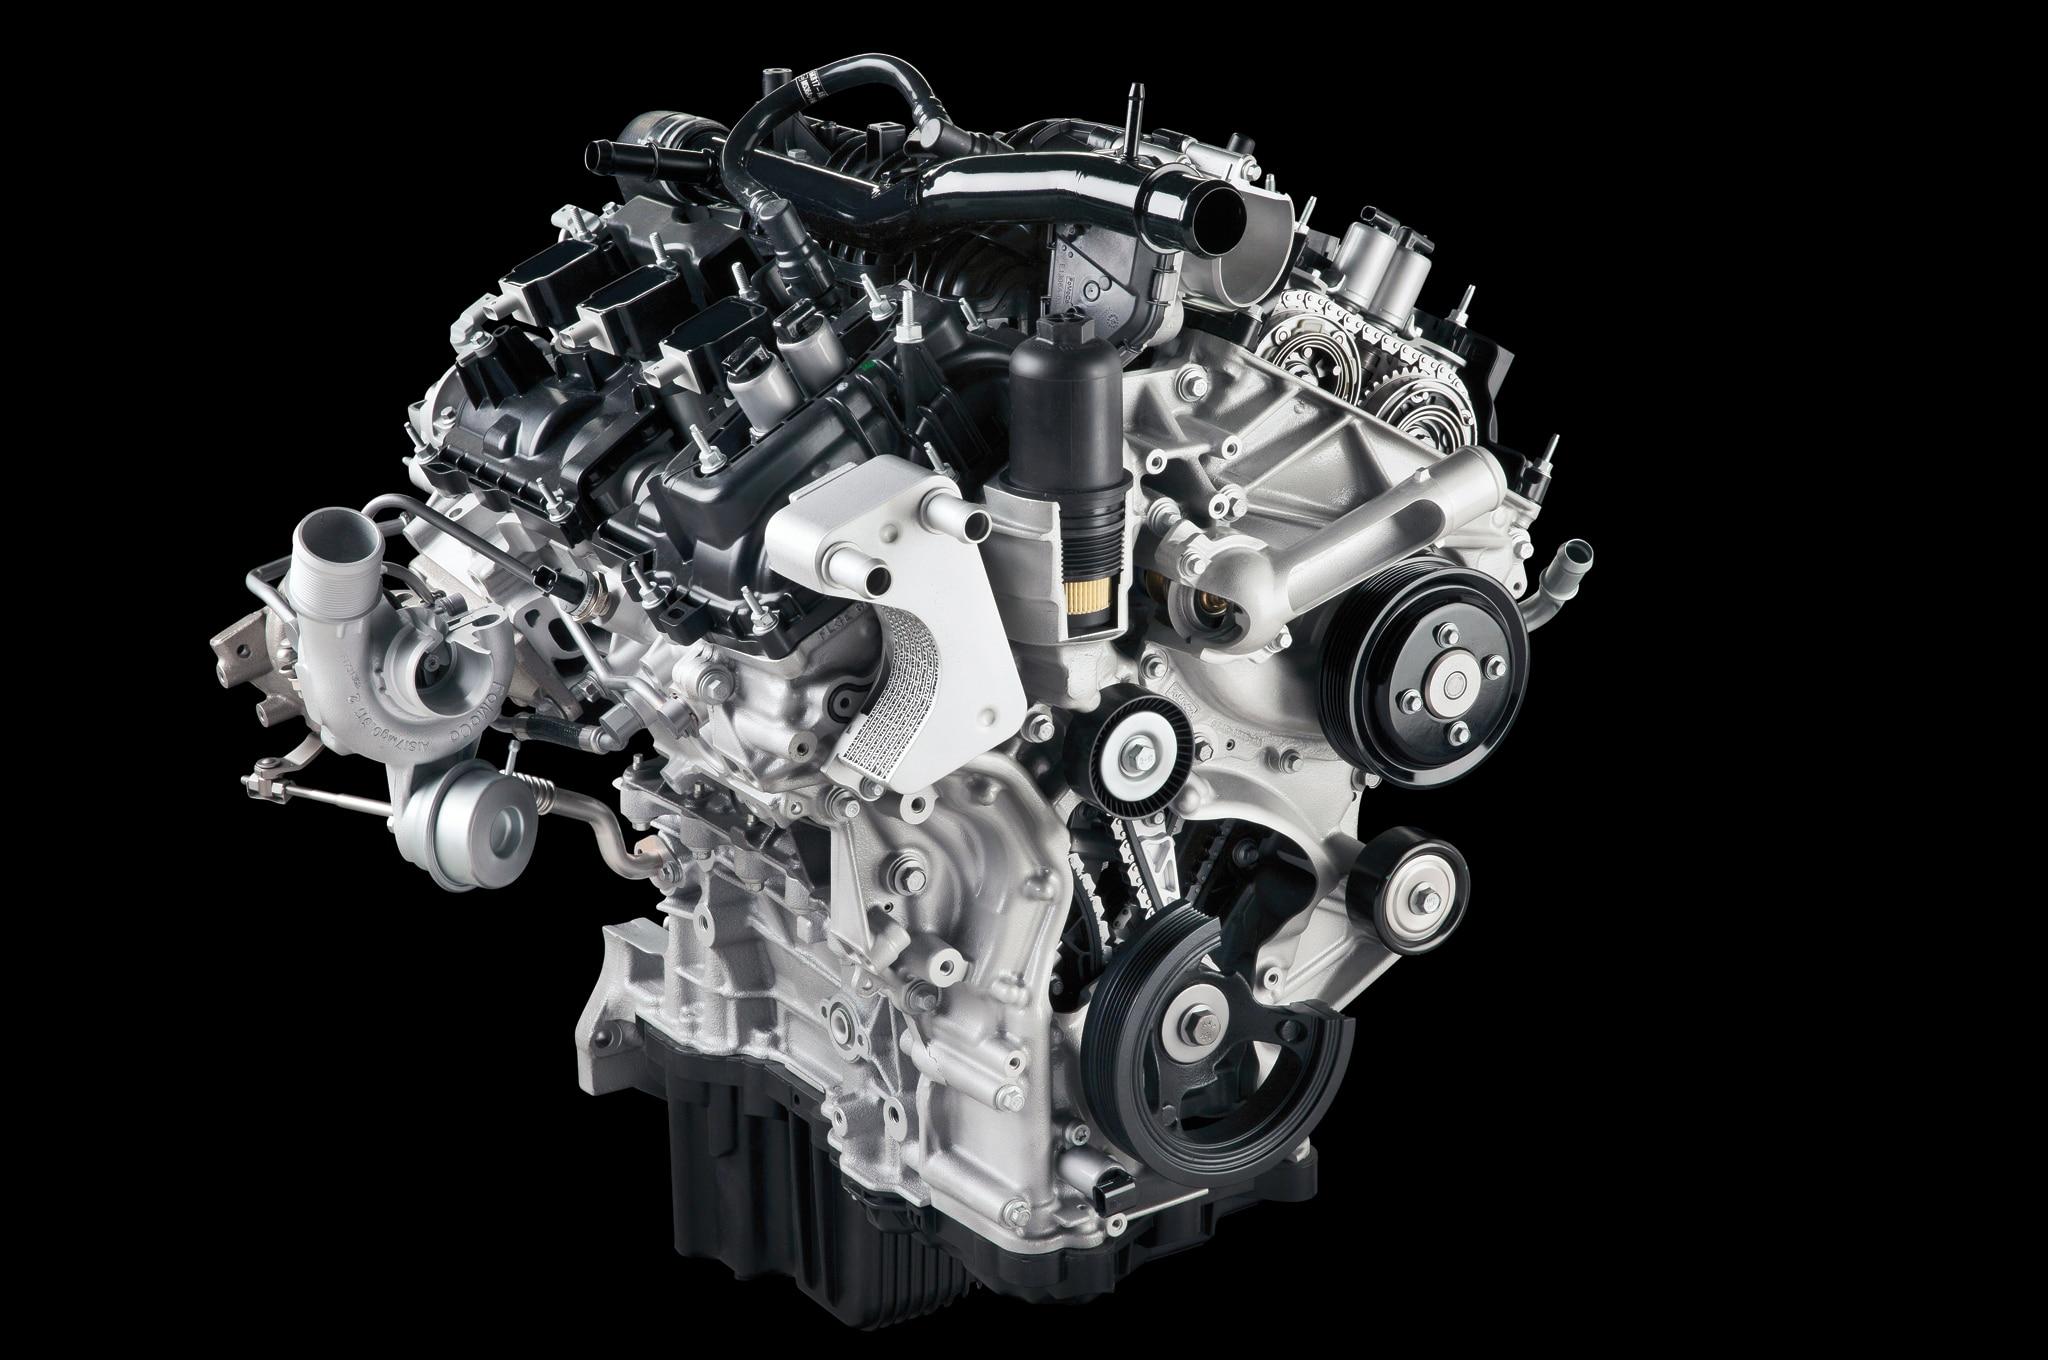 2.7 L Ecoboost V6 >> Ford 2 7l Ecoboost V 6 Inside Look